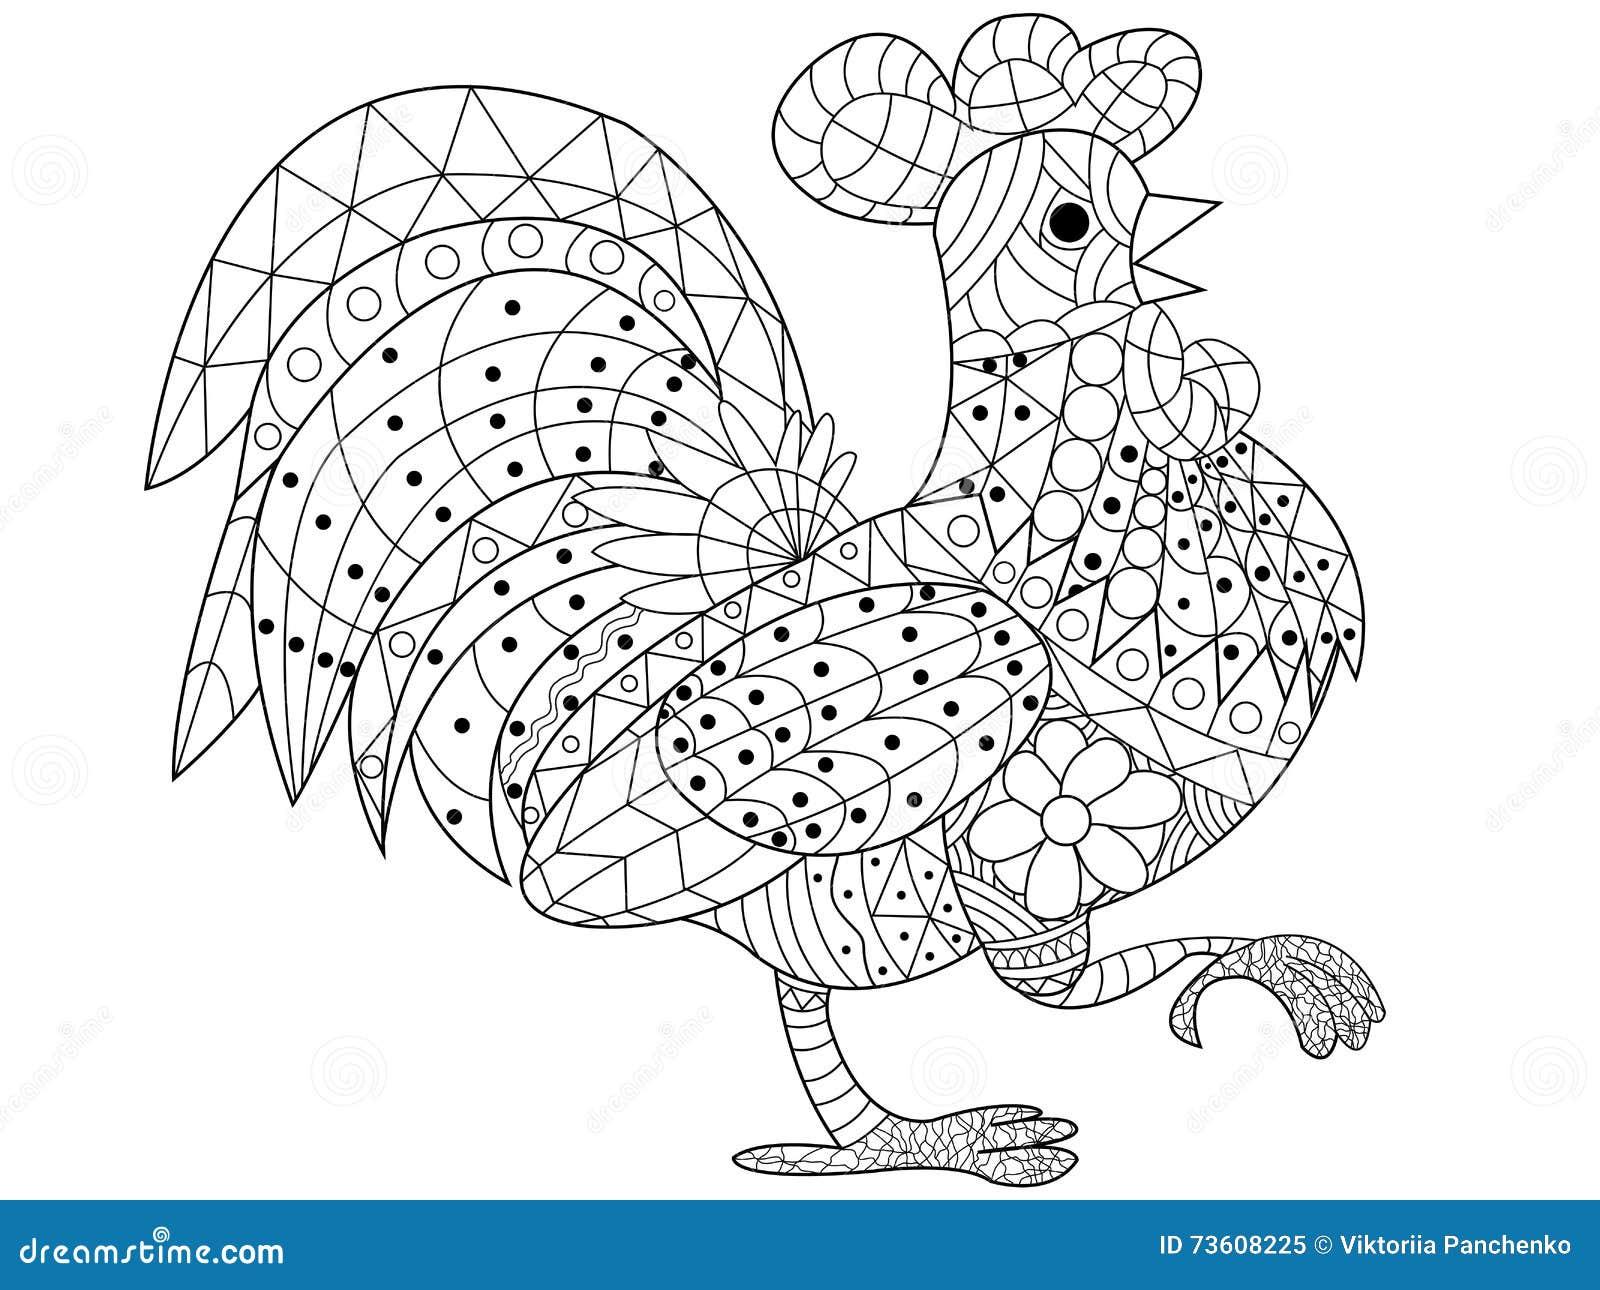 Pagine Da Colorare Per Adulti Libro Modello Astratto: Vettore Del Libro Da Colorare Del Gallo Per Gli Adulti